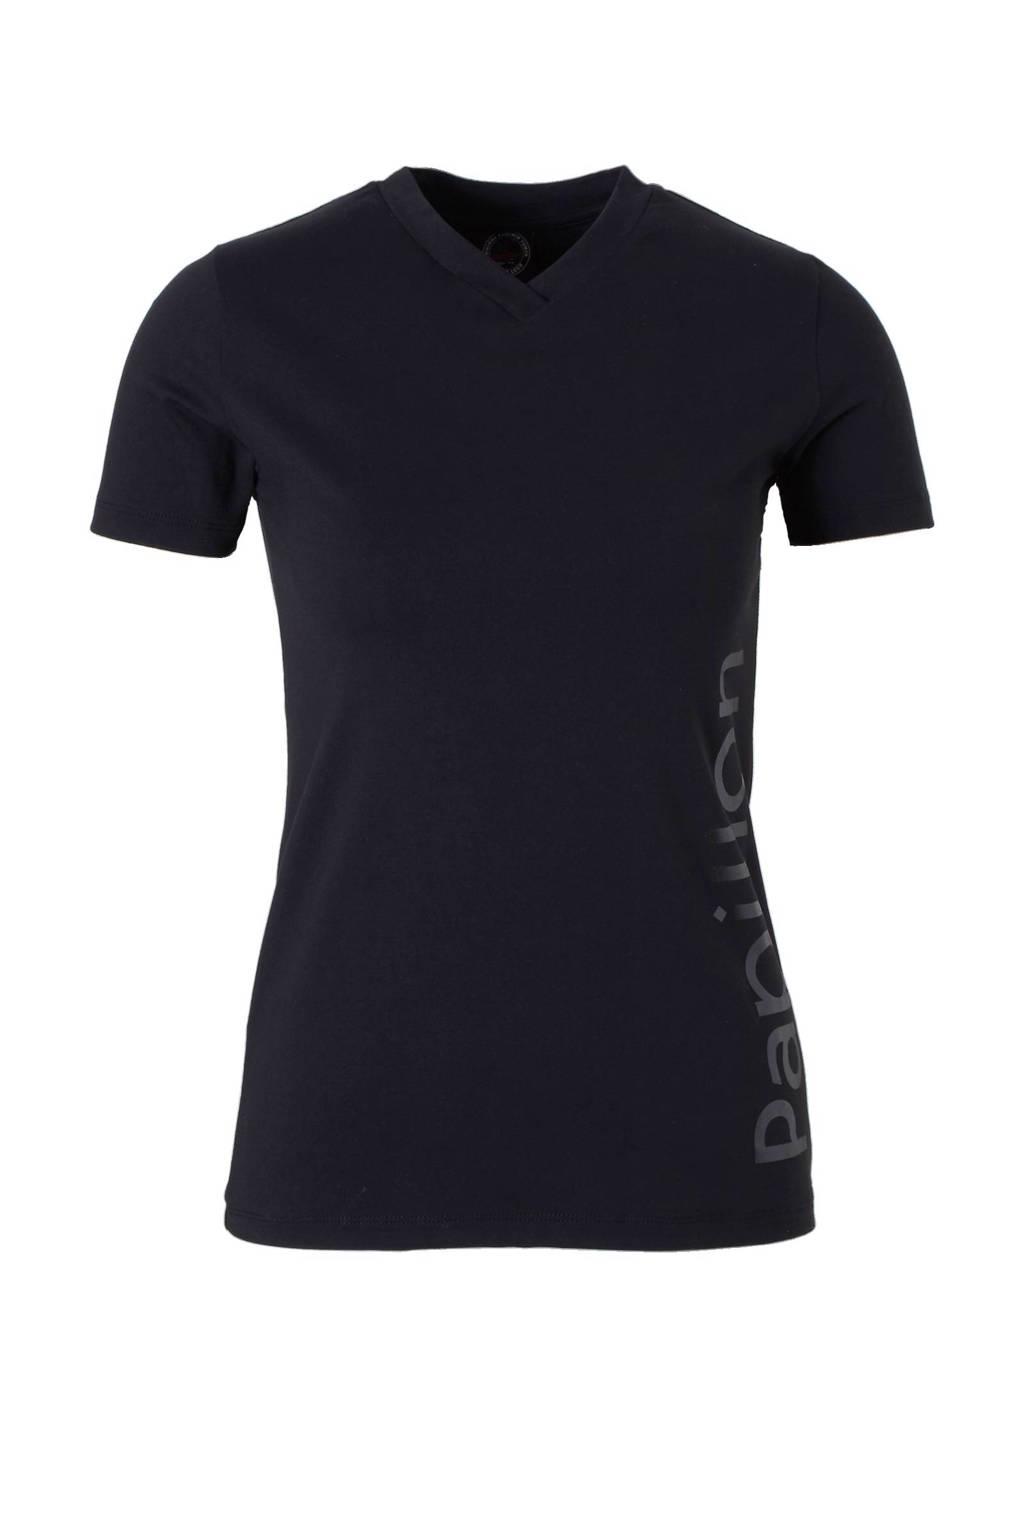 Papillon sport T-shirt, Zwart